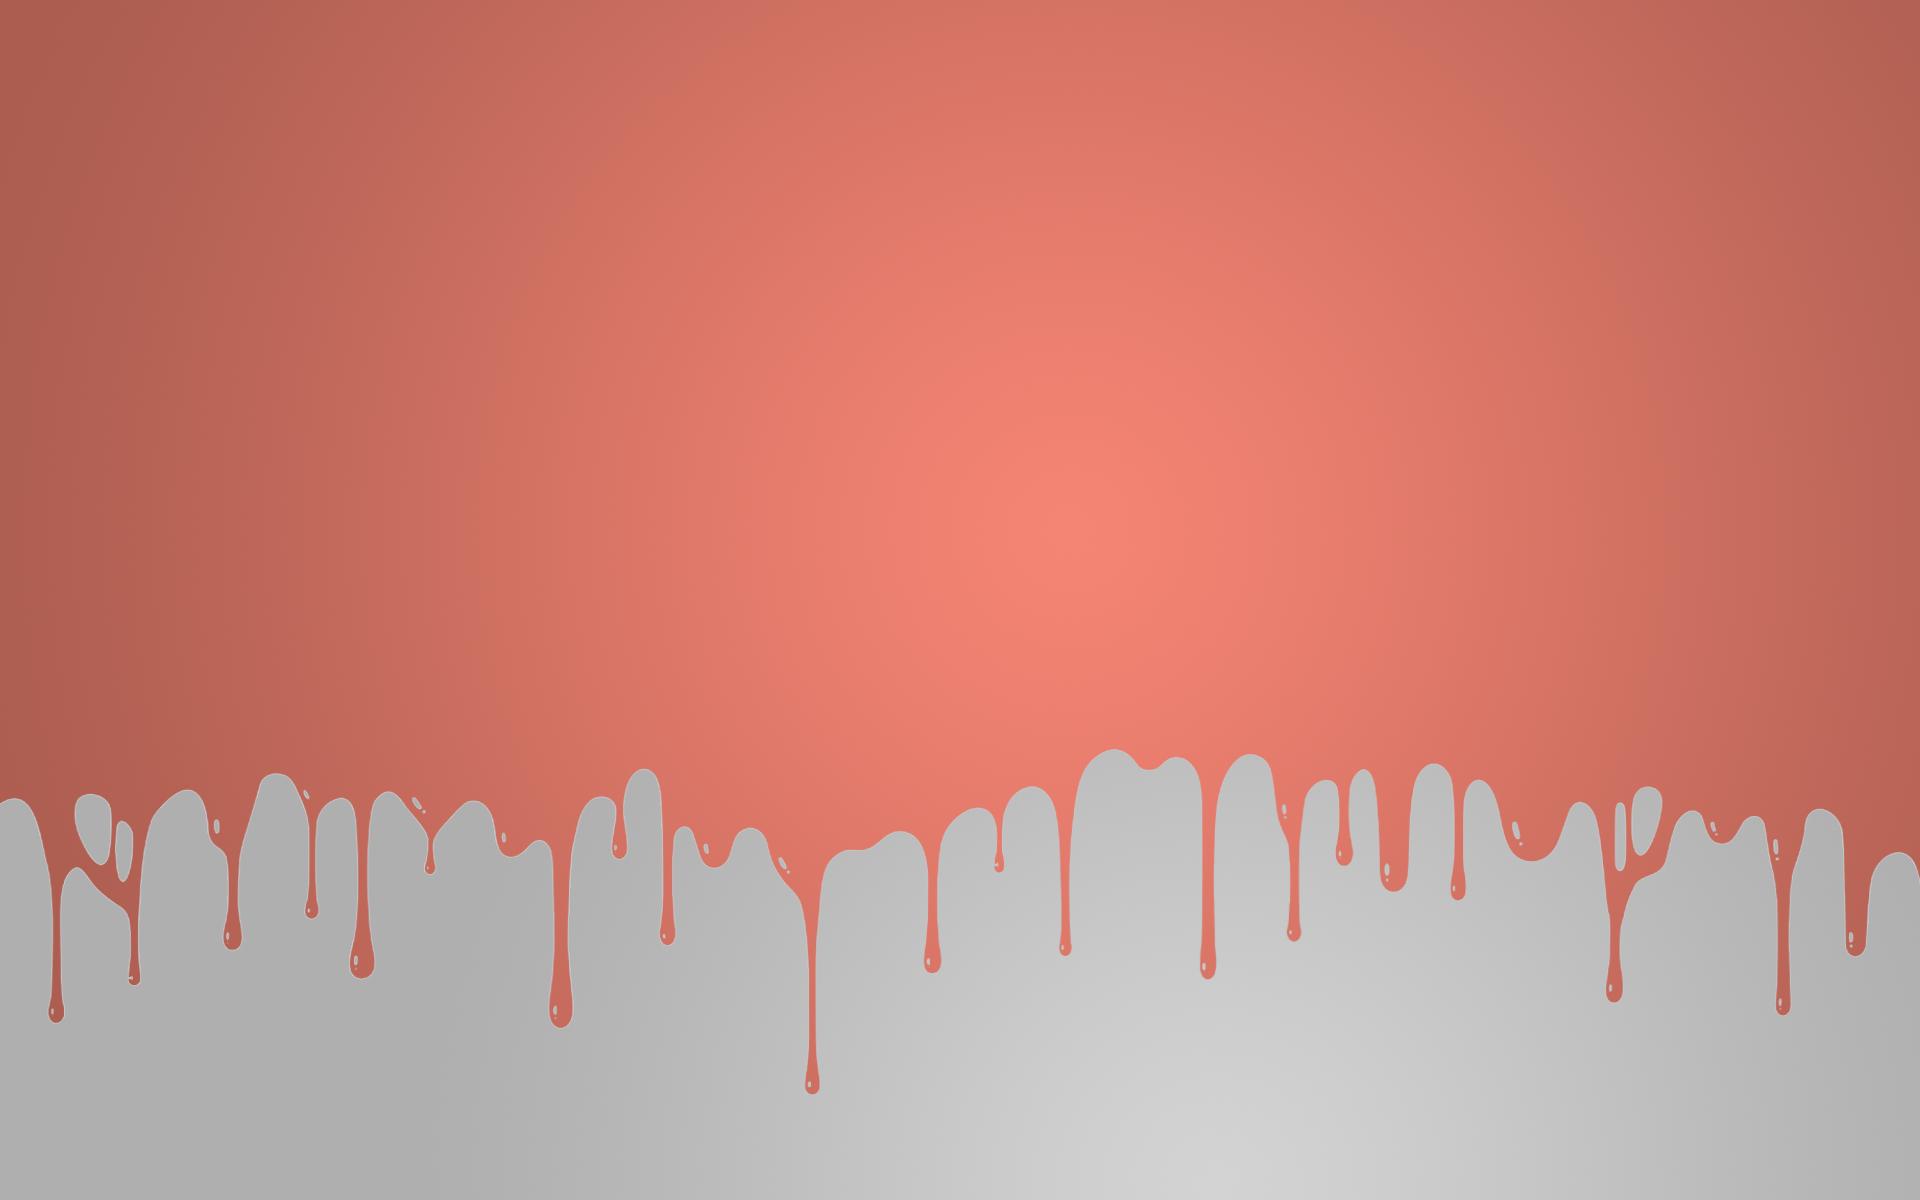 Sfondi Illustrazione Arte Digitale Rosso Testo Tinta Unita